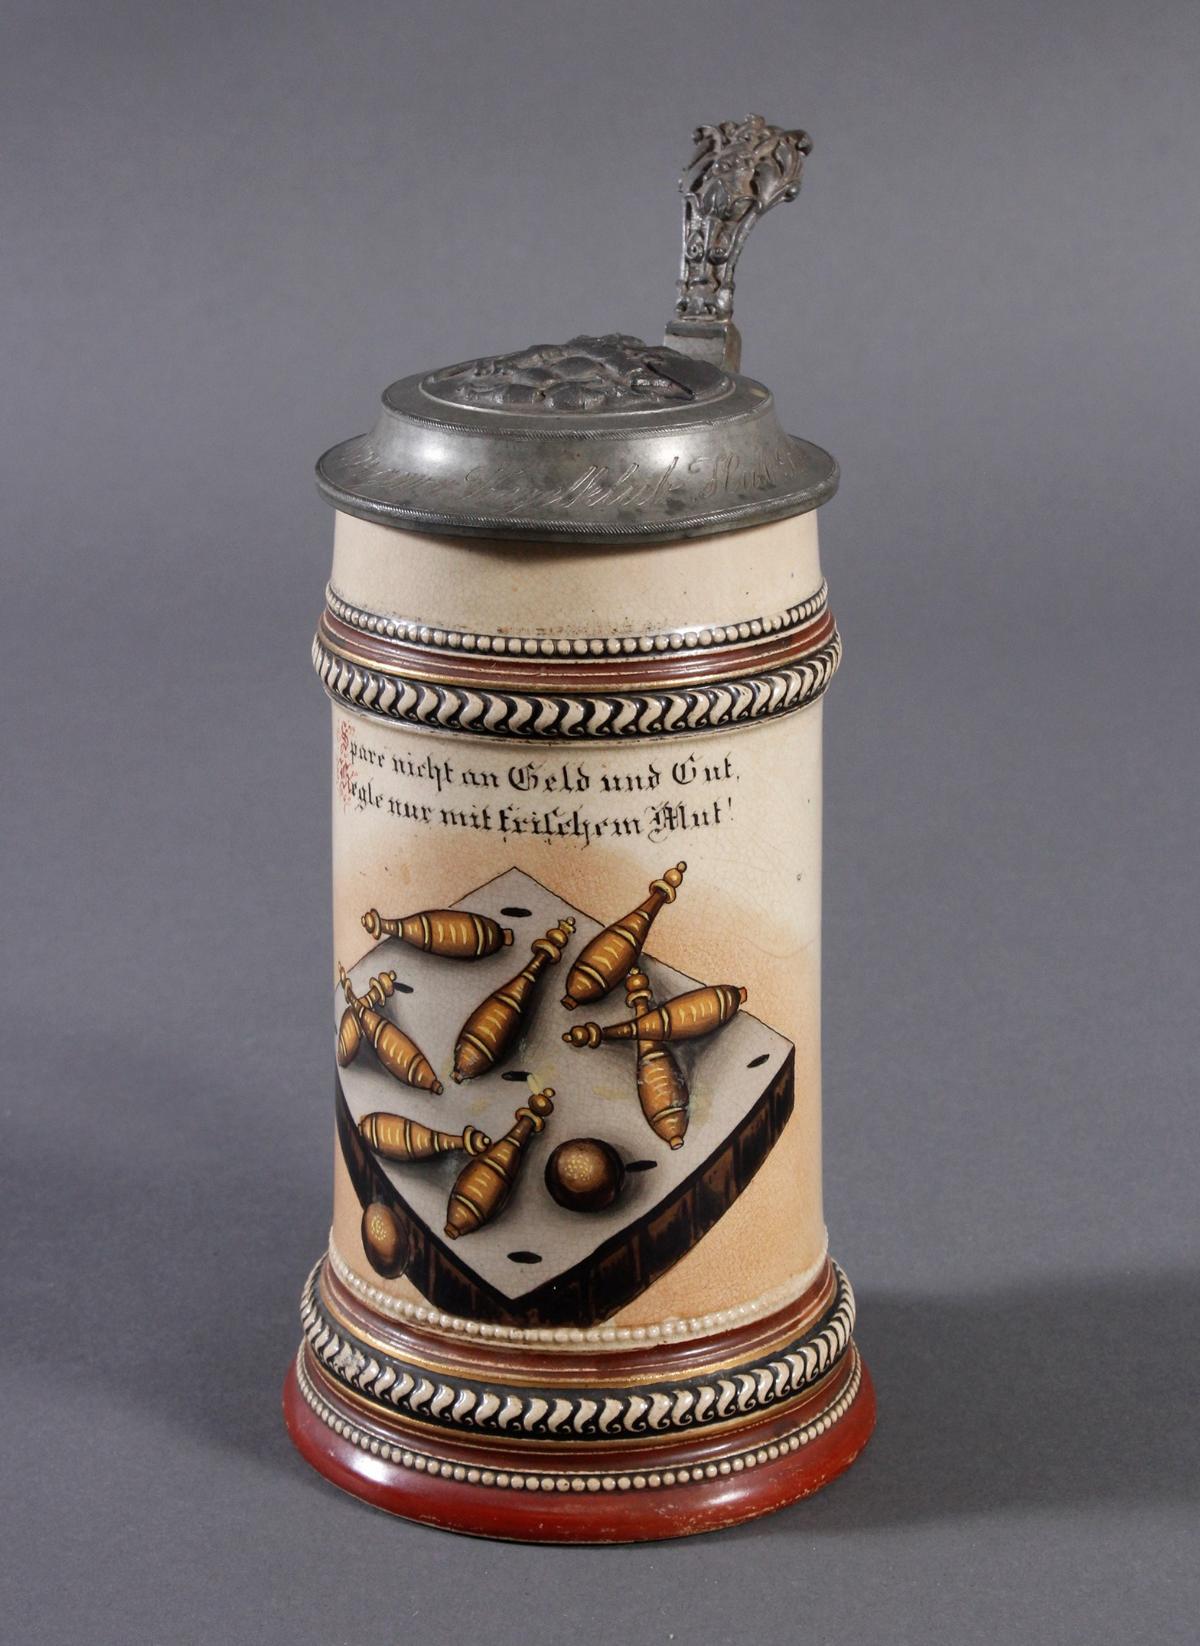 2 Keramikkrüge um 1900, Kegeln und Gewerbeausstellung-2